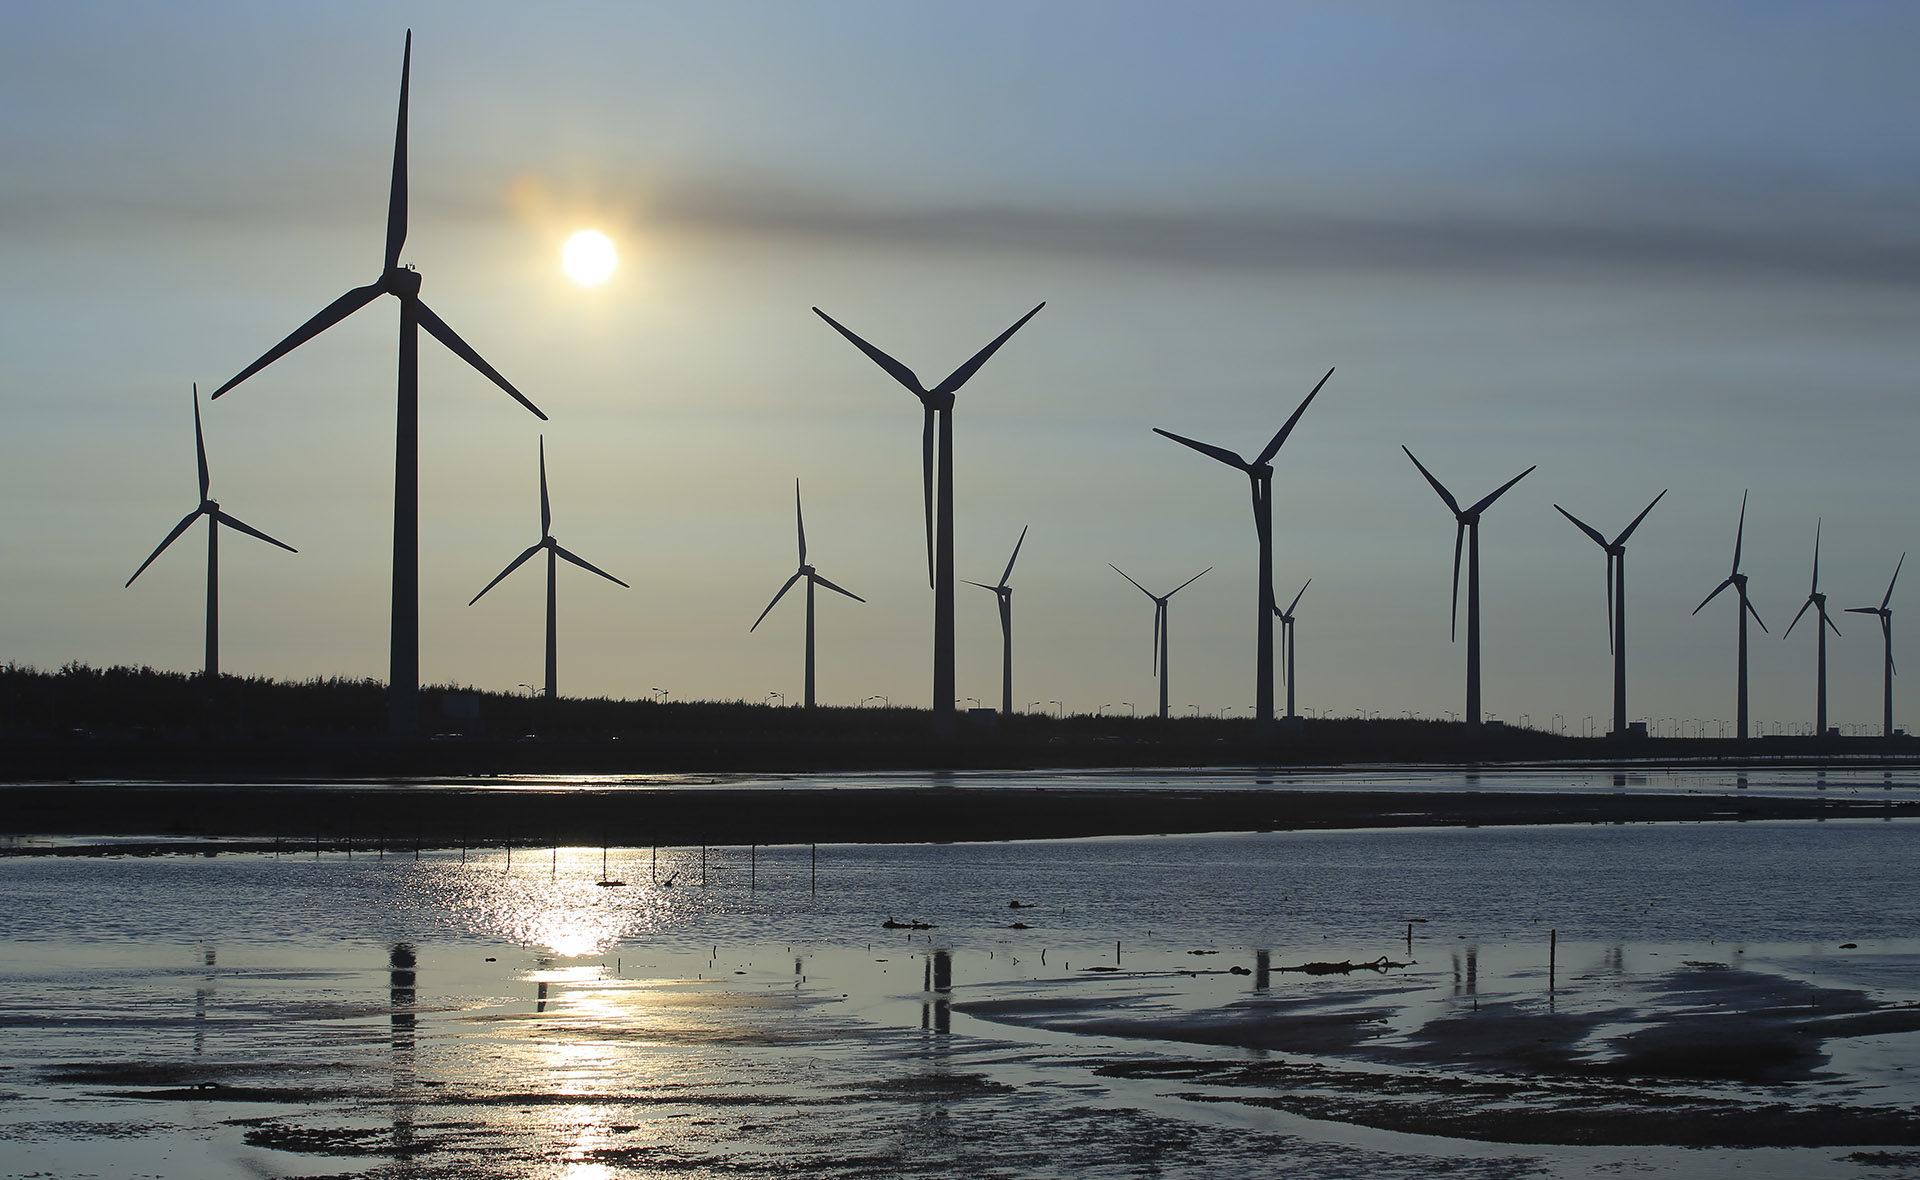 Fotografía de Molinos, aerogeneradores, energías renovables, medioambiente, sostenibilidad